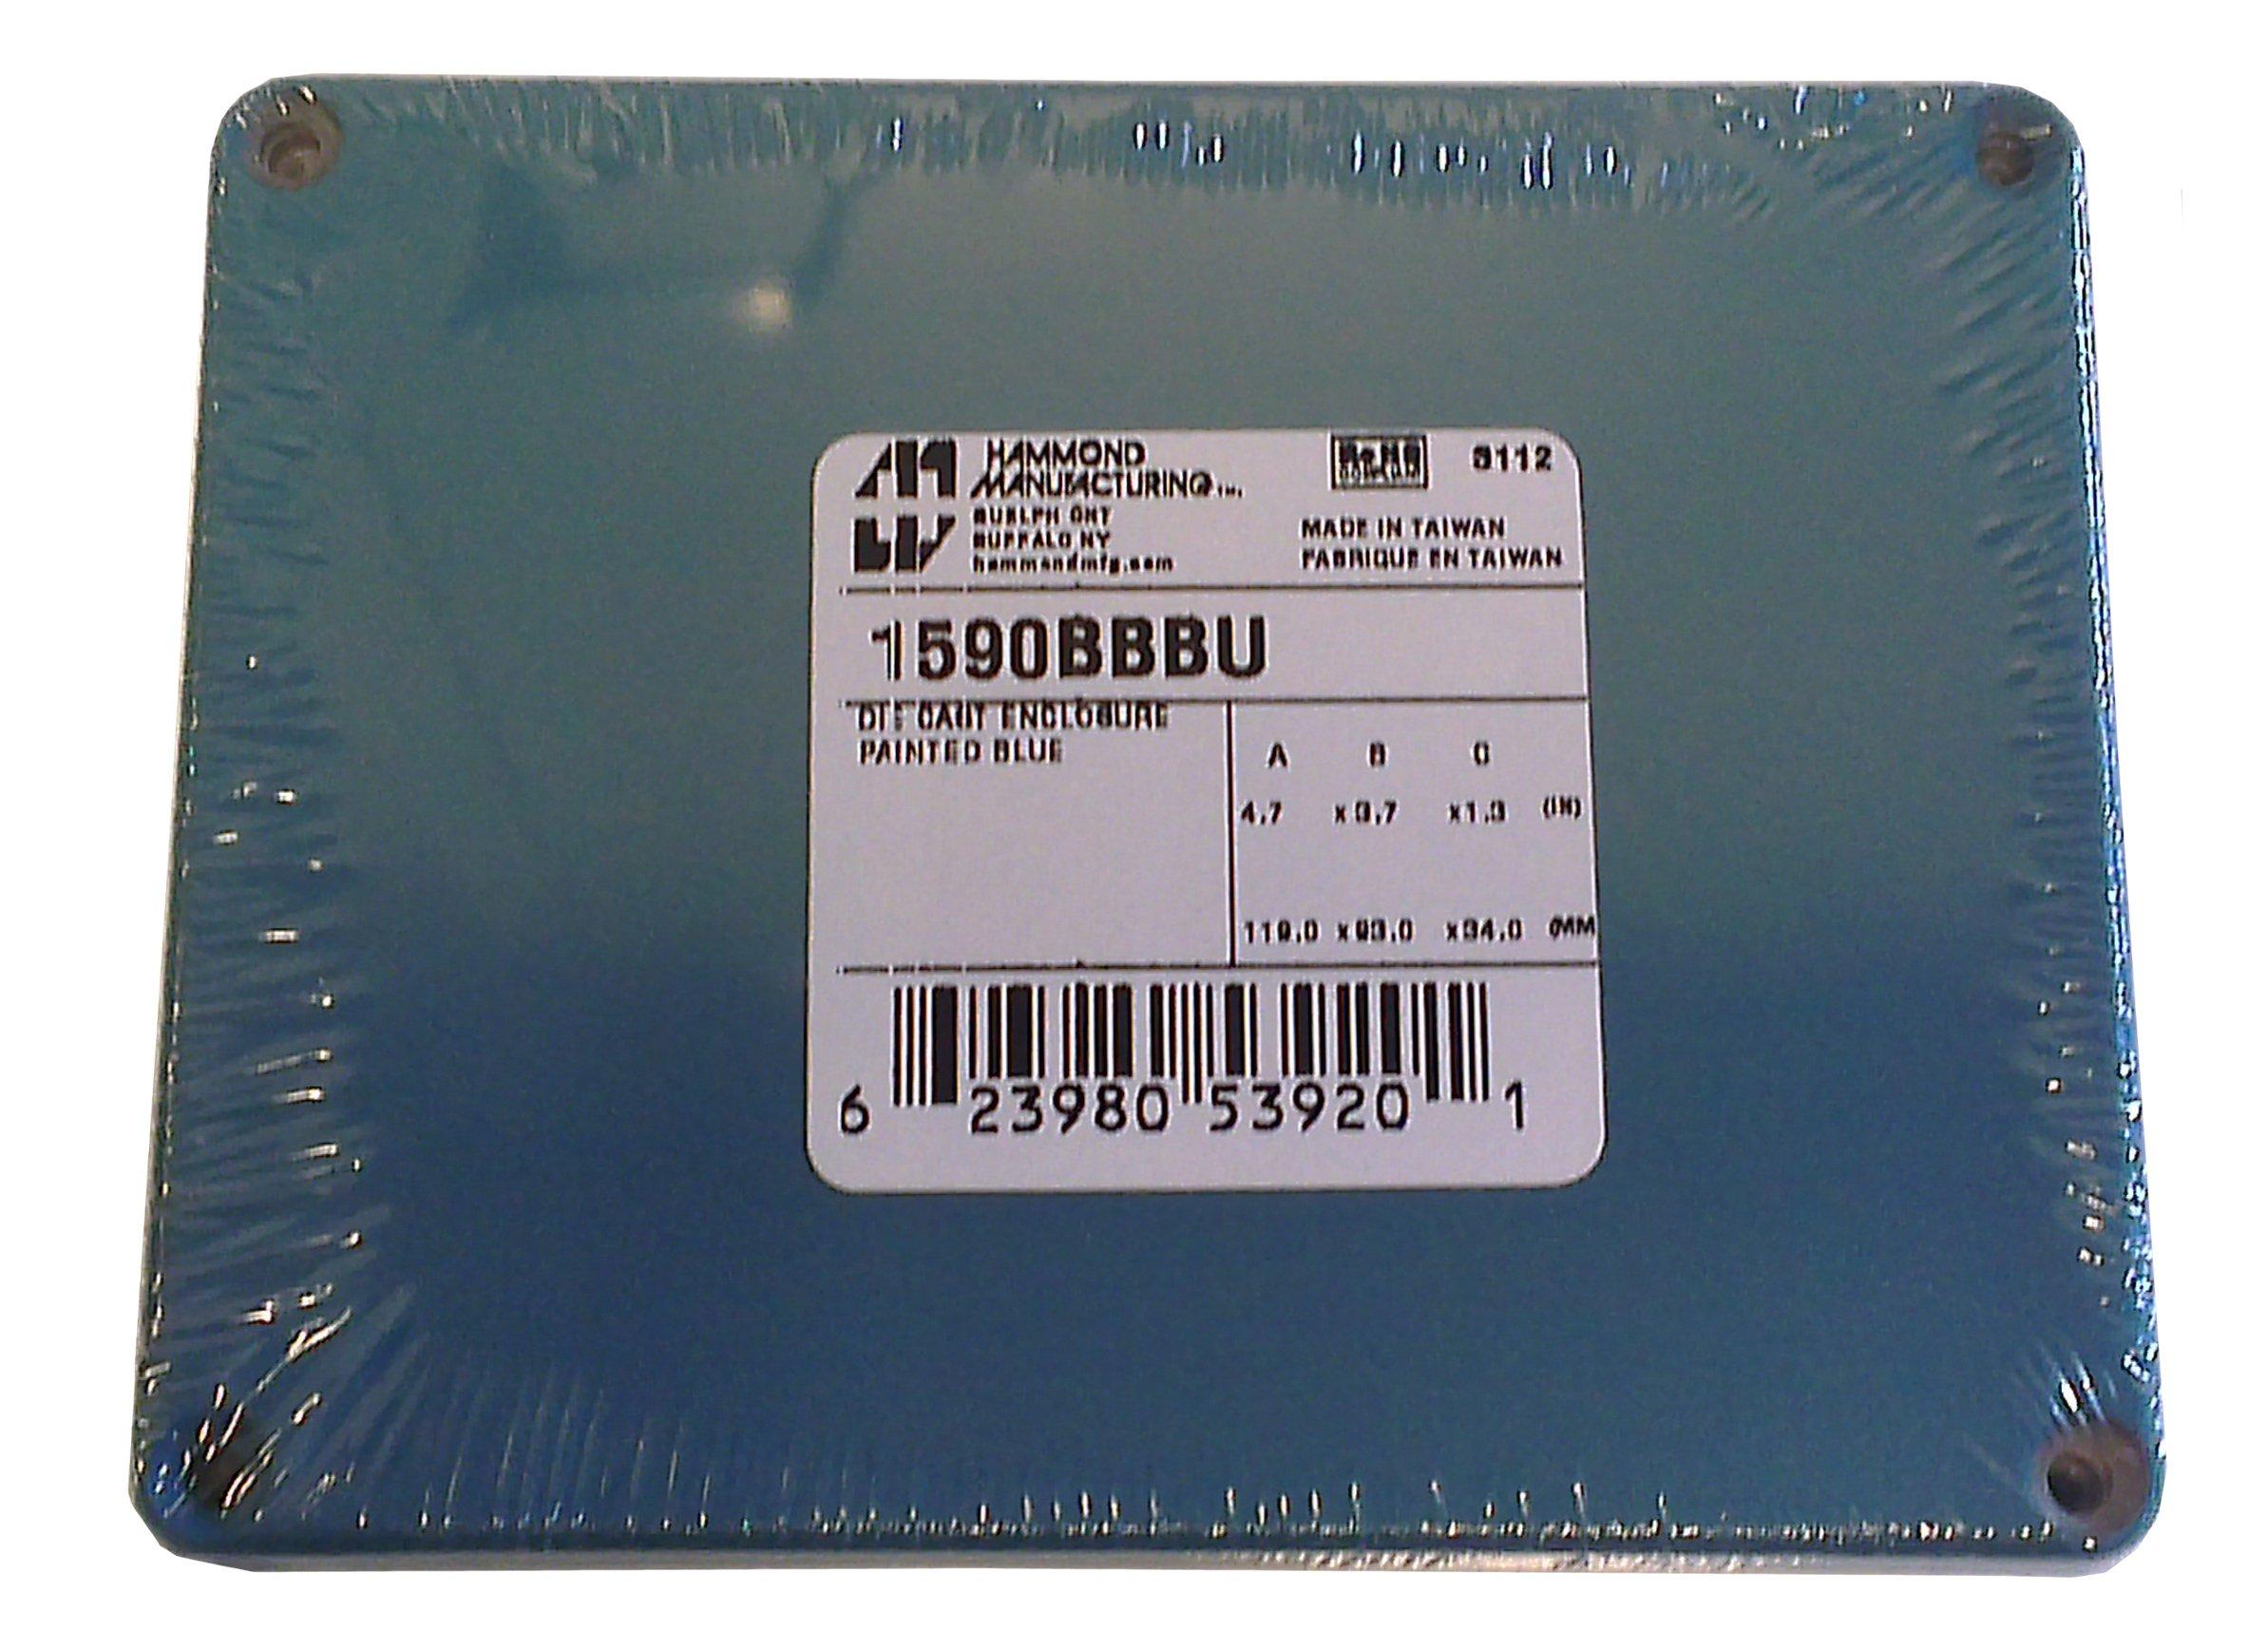 Hammond 1590BBBU Blue Diecast Aluminum Enclosure -- Inches (4.67'' x 3.68'' x 1.18'') mm (119mm x 94mm x 30mm)